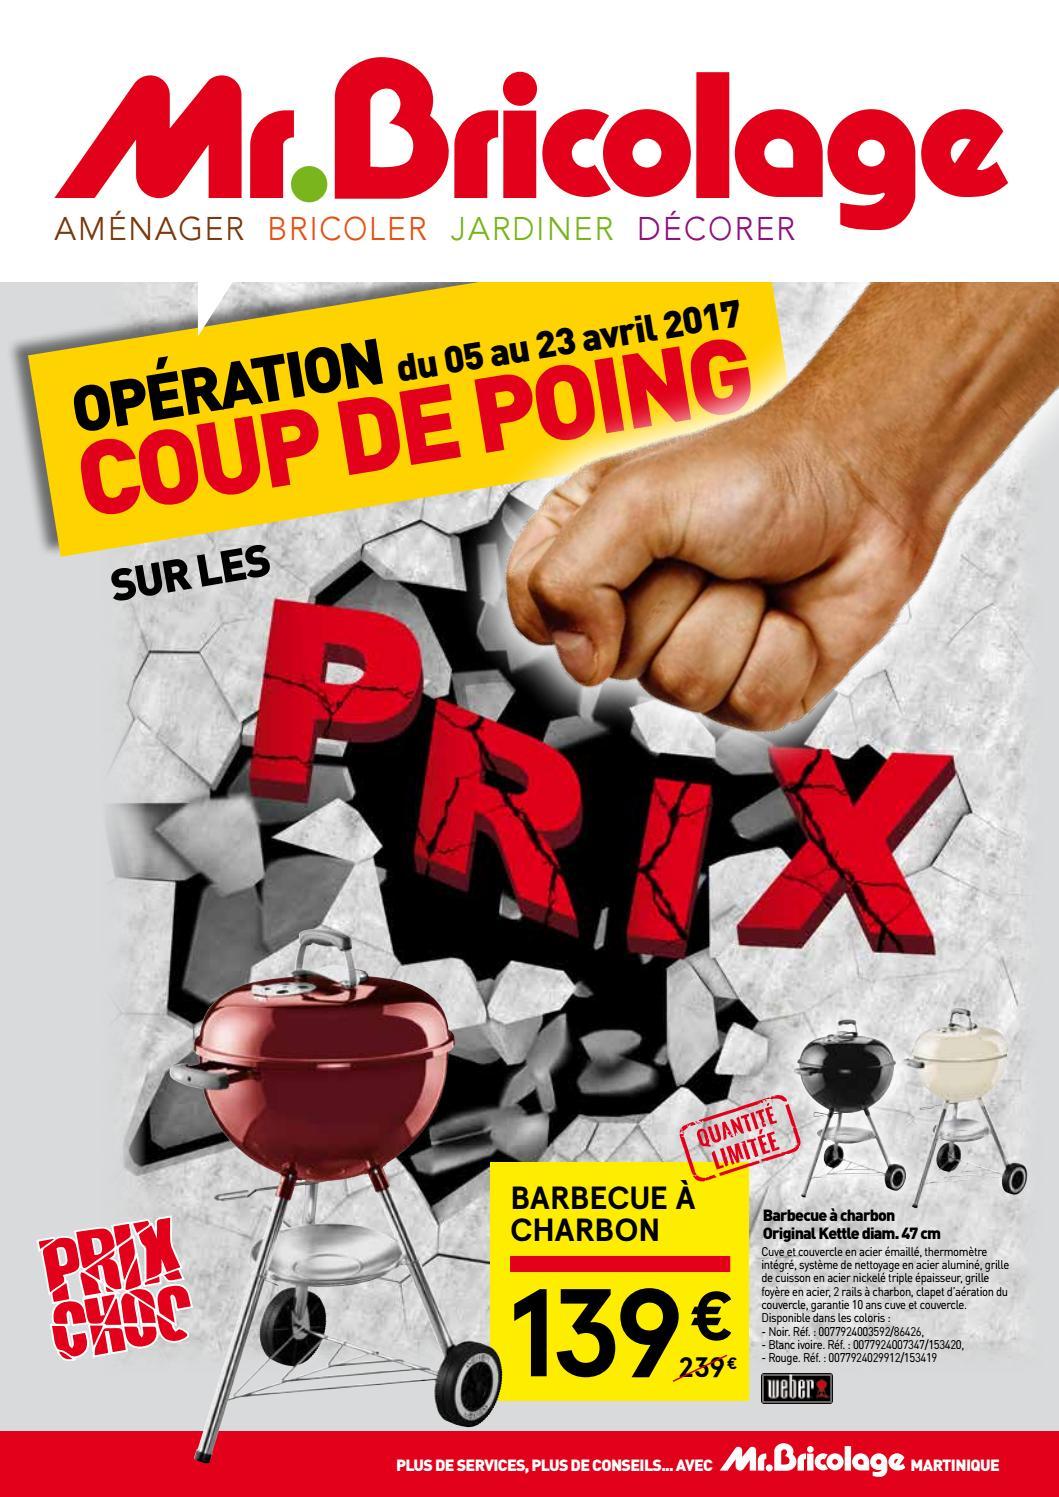 Mrbricolage Martinique Operation Coup De Poing Sur Les